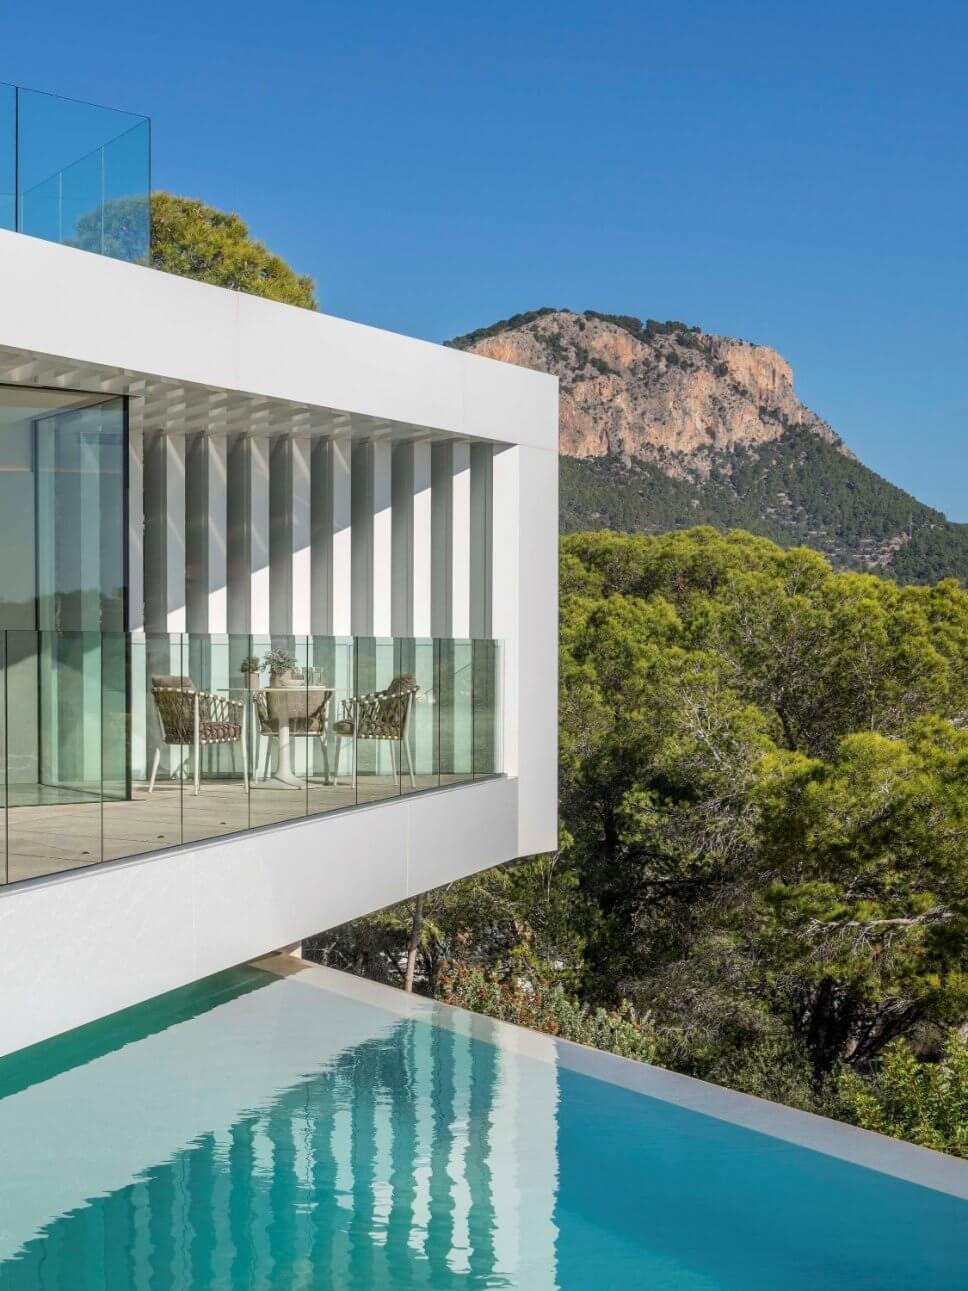 Moderne Architektur mit Blick auf Gebirge